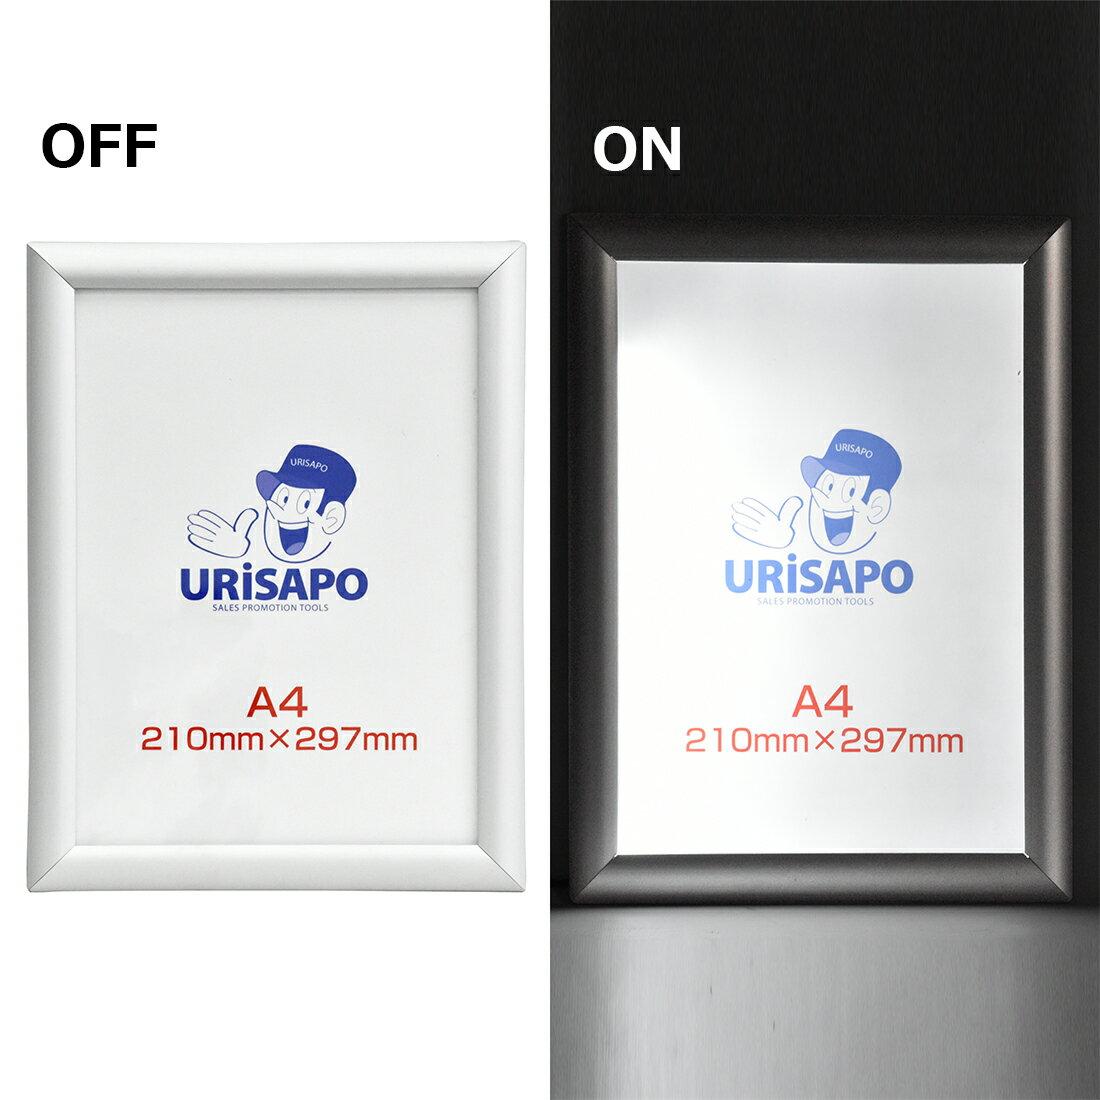 LEDポスターパネル シルバー A4 光るポスターフレーム 電飾看板 フロントオープン